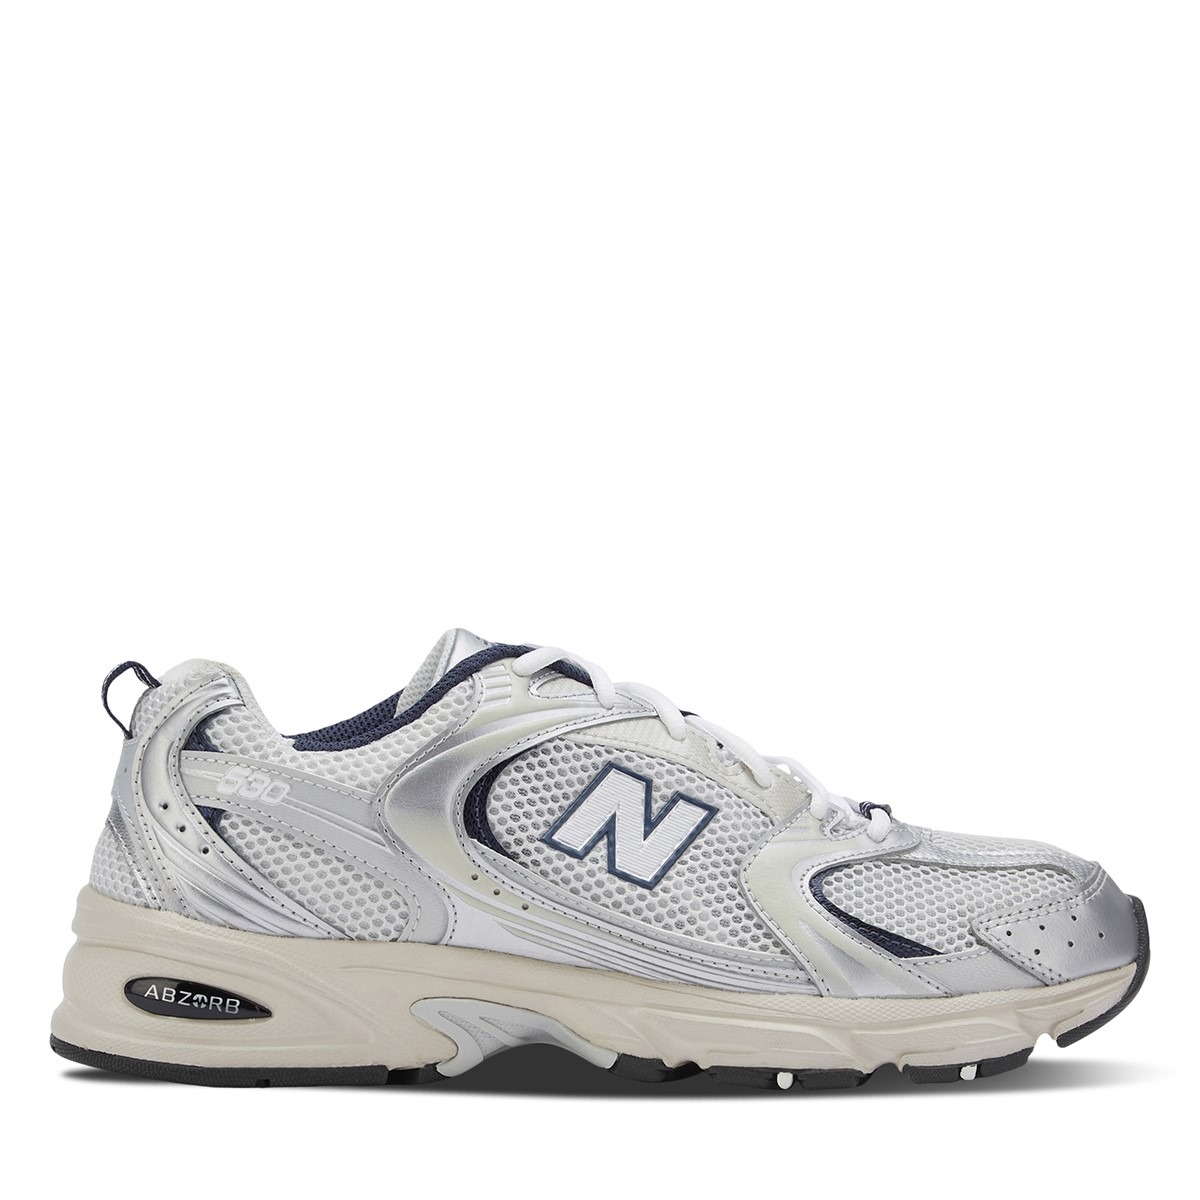 Men's 530 Sneakers in White/ Metallic Grey/ Navy